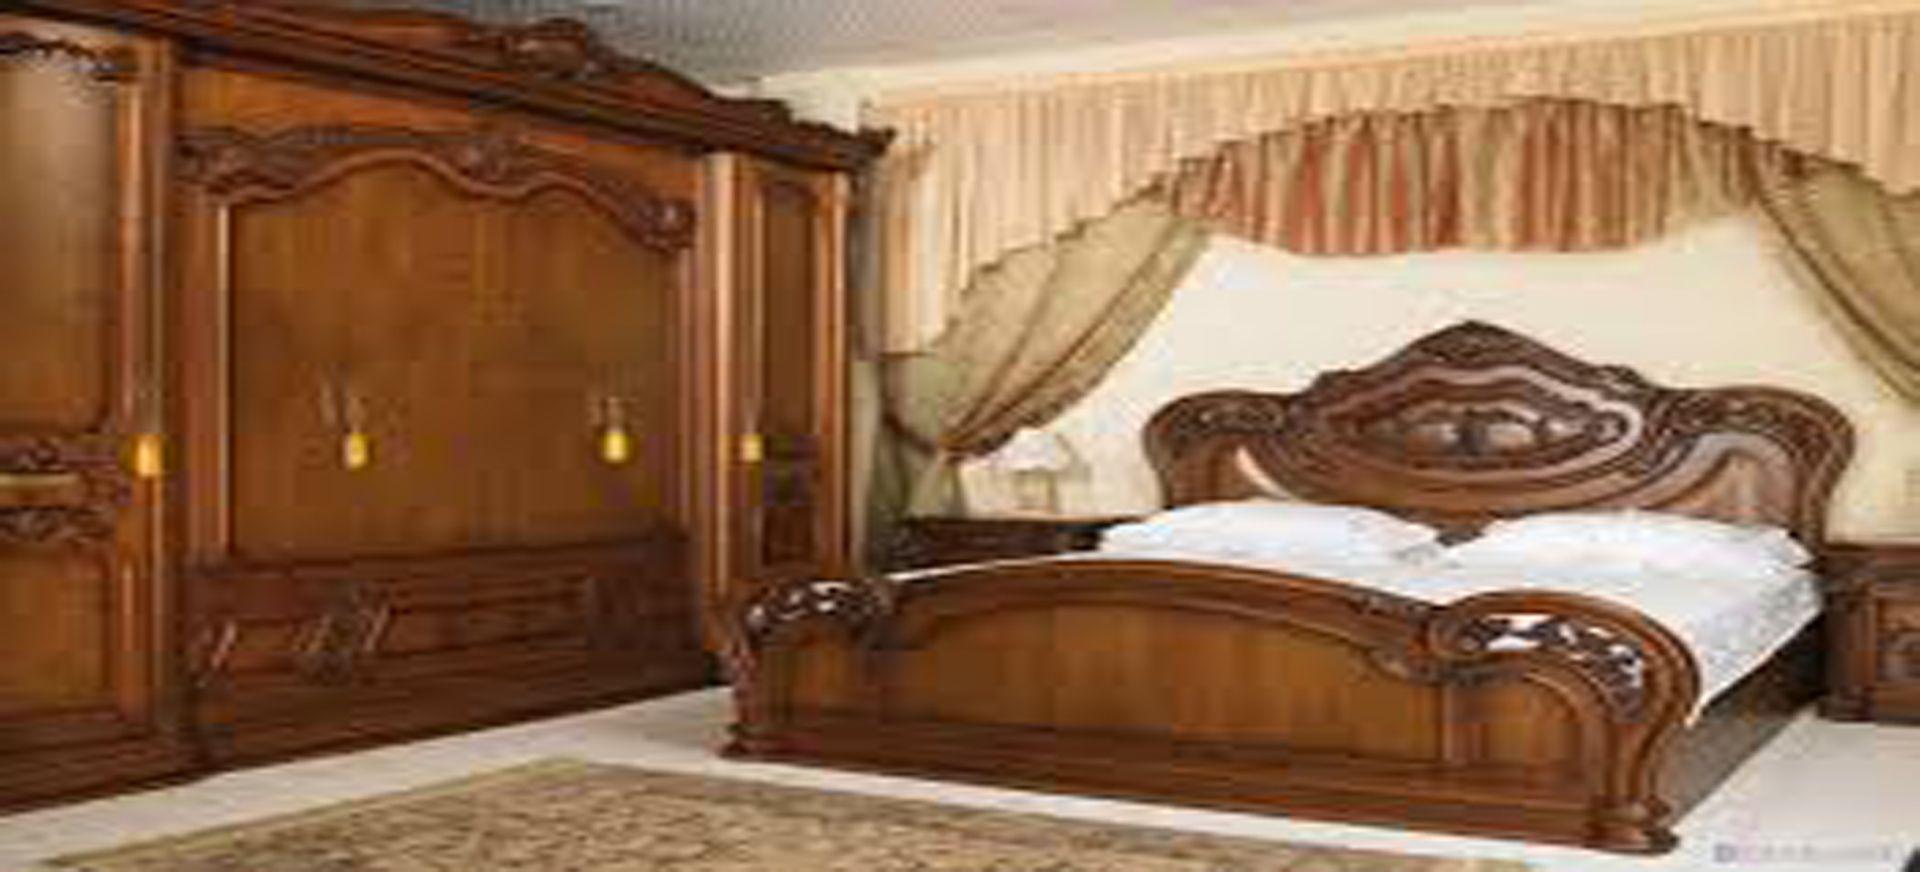 تنظيف وتجهيز المنازل تركيب البرادي فك وتركيب المكيفات فك وتركيب الثريات ترحيل كافة أشكال الشركات التجارية المكاتب تغليف Bedroom Decor Home Modern Bedroom